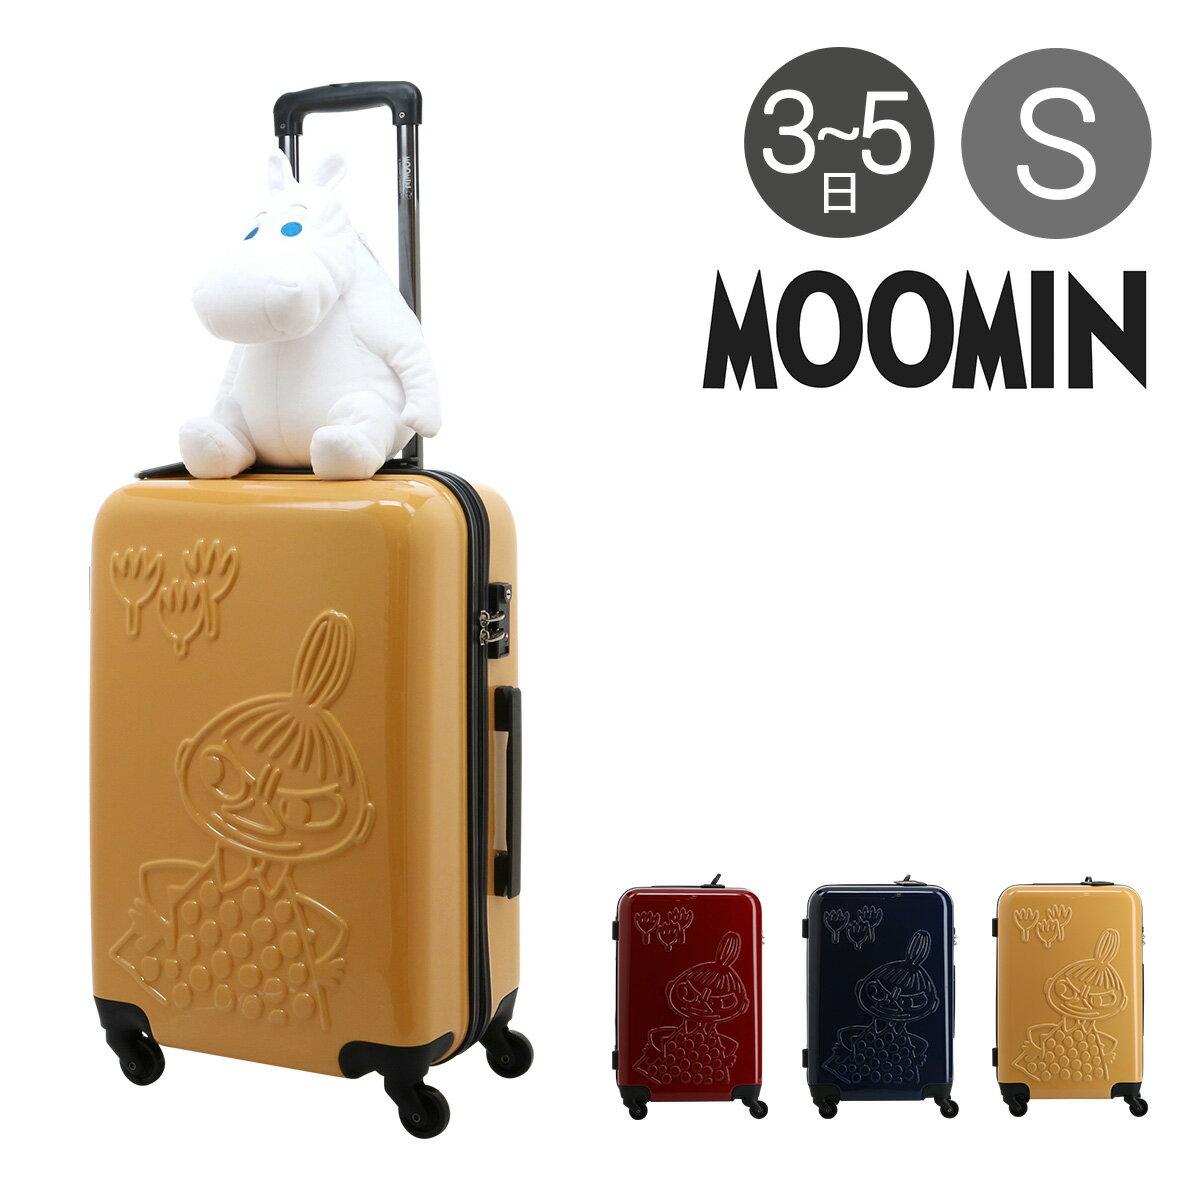 ムーミン スーツケース 44L 55.5cm 3kg ハード ファスナー レディース MM2-014 MOOMIN | キャリーケース TSAロック搭載[即日発送]